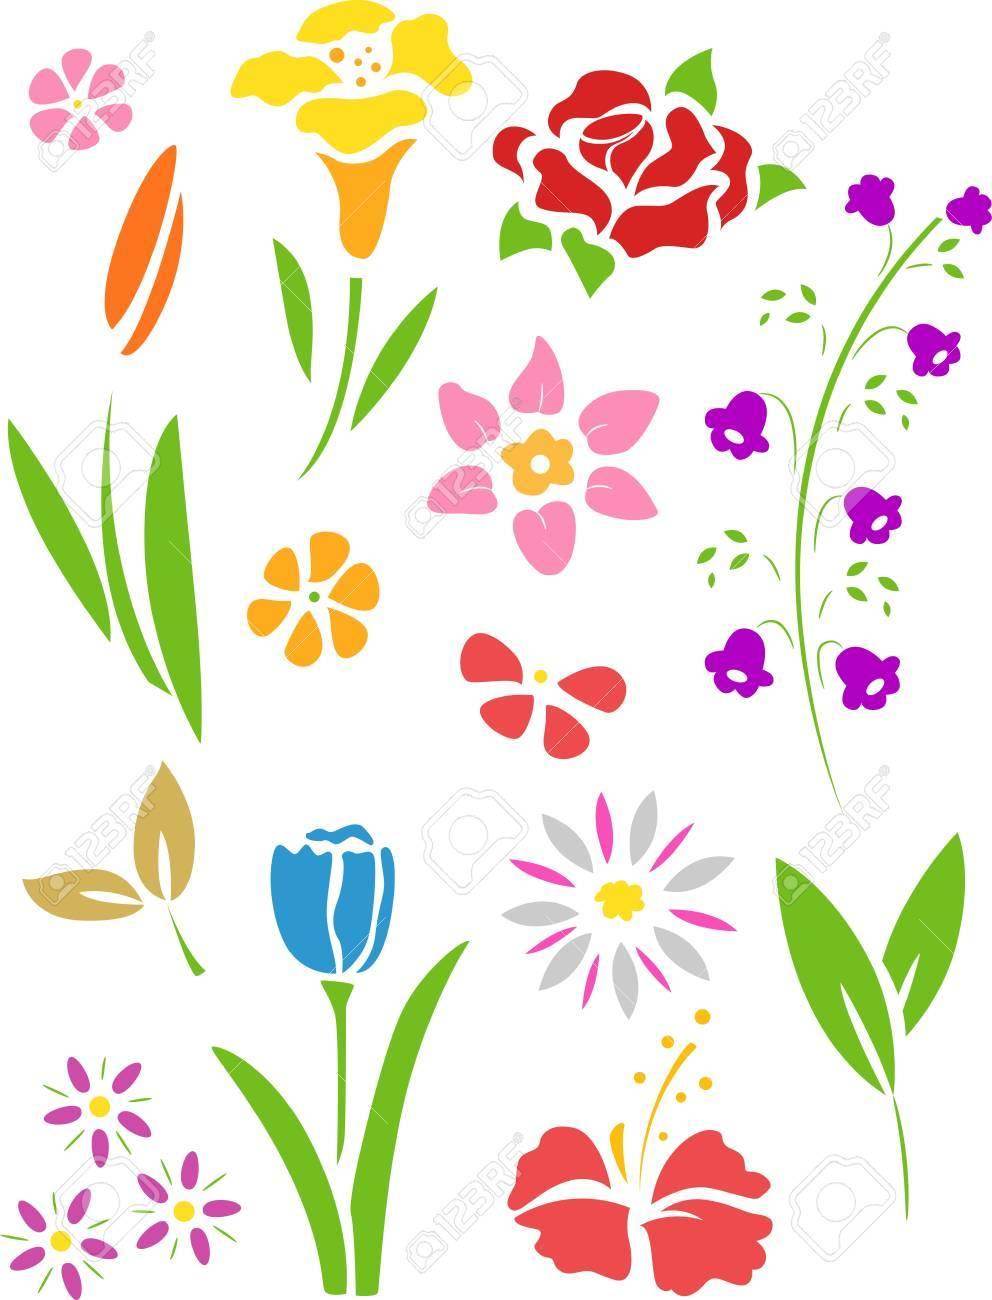 花のステンシルのイラスト の写真素材画像素材 Image 20571004